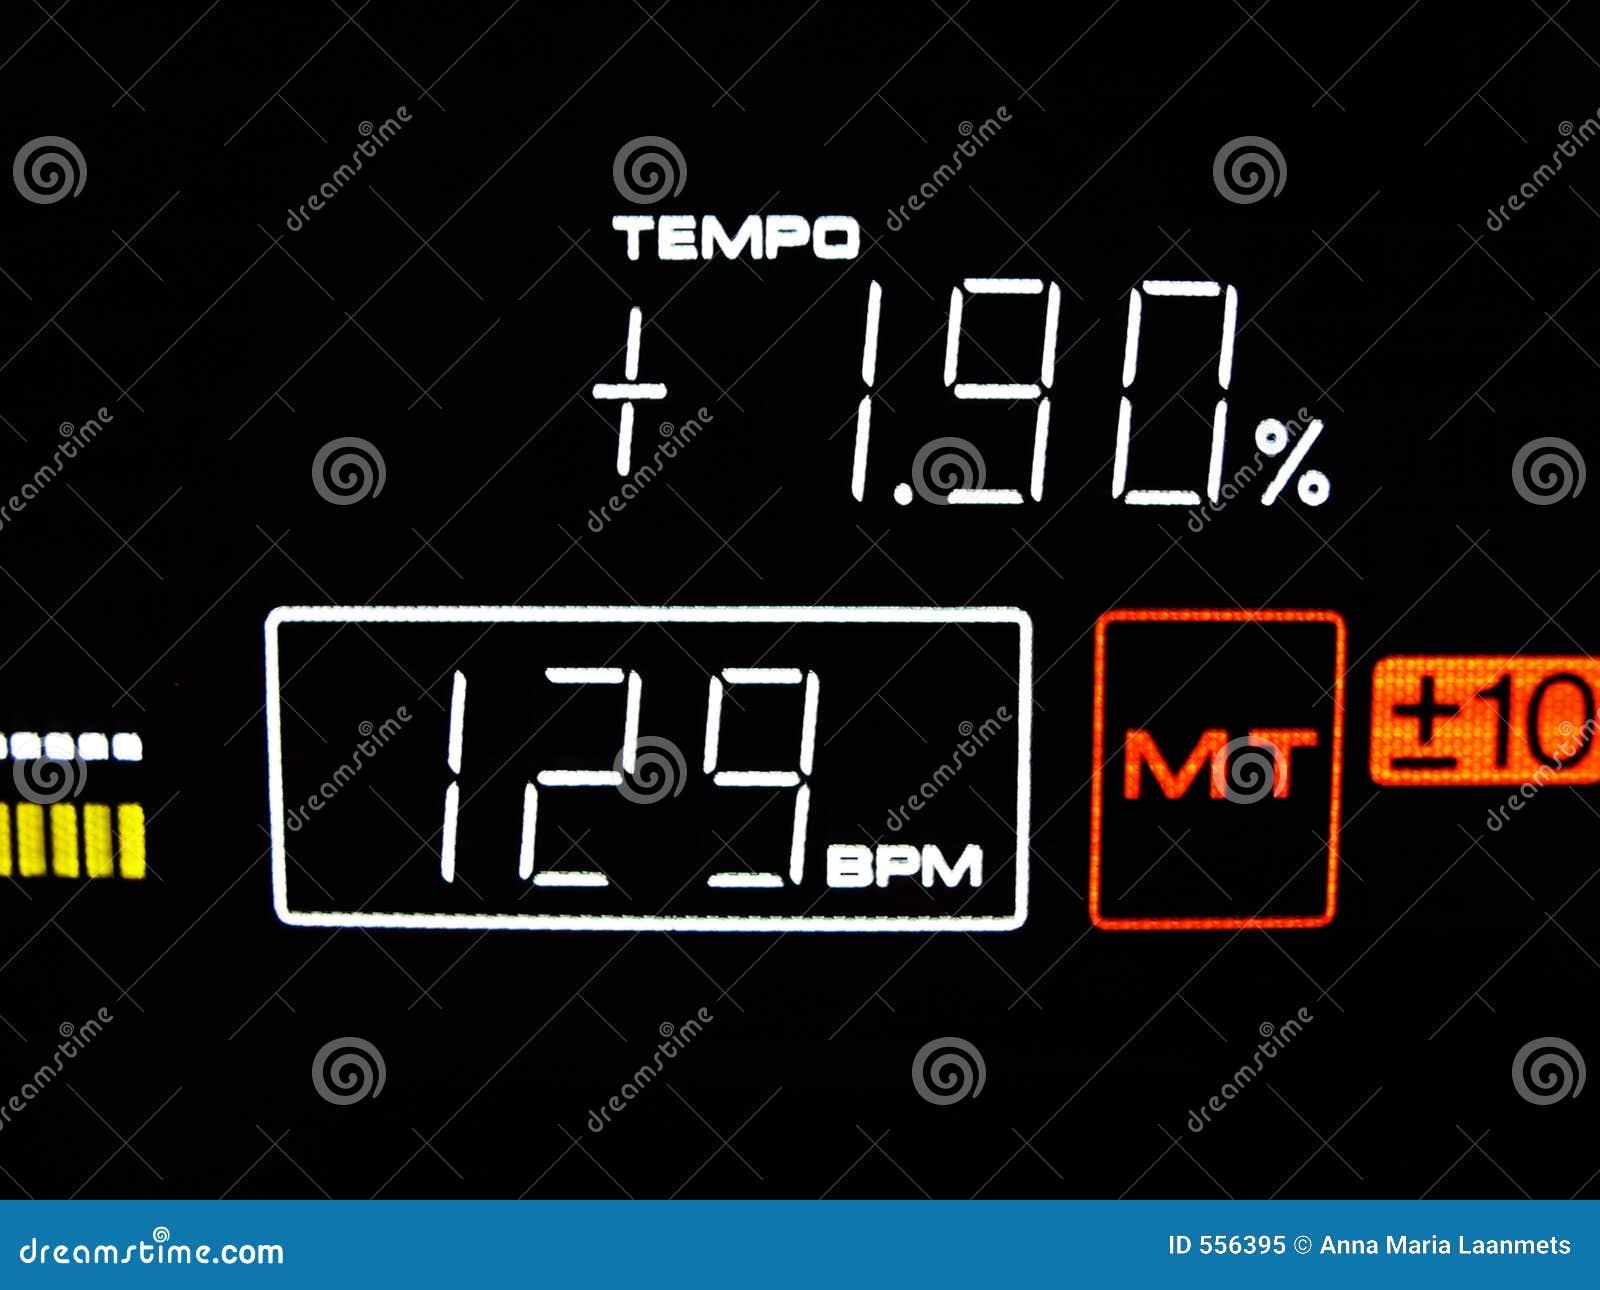 ρυθμός 129 bpm